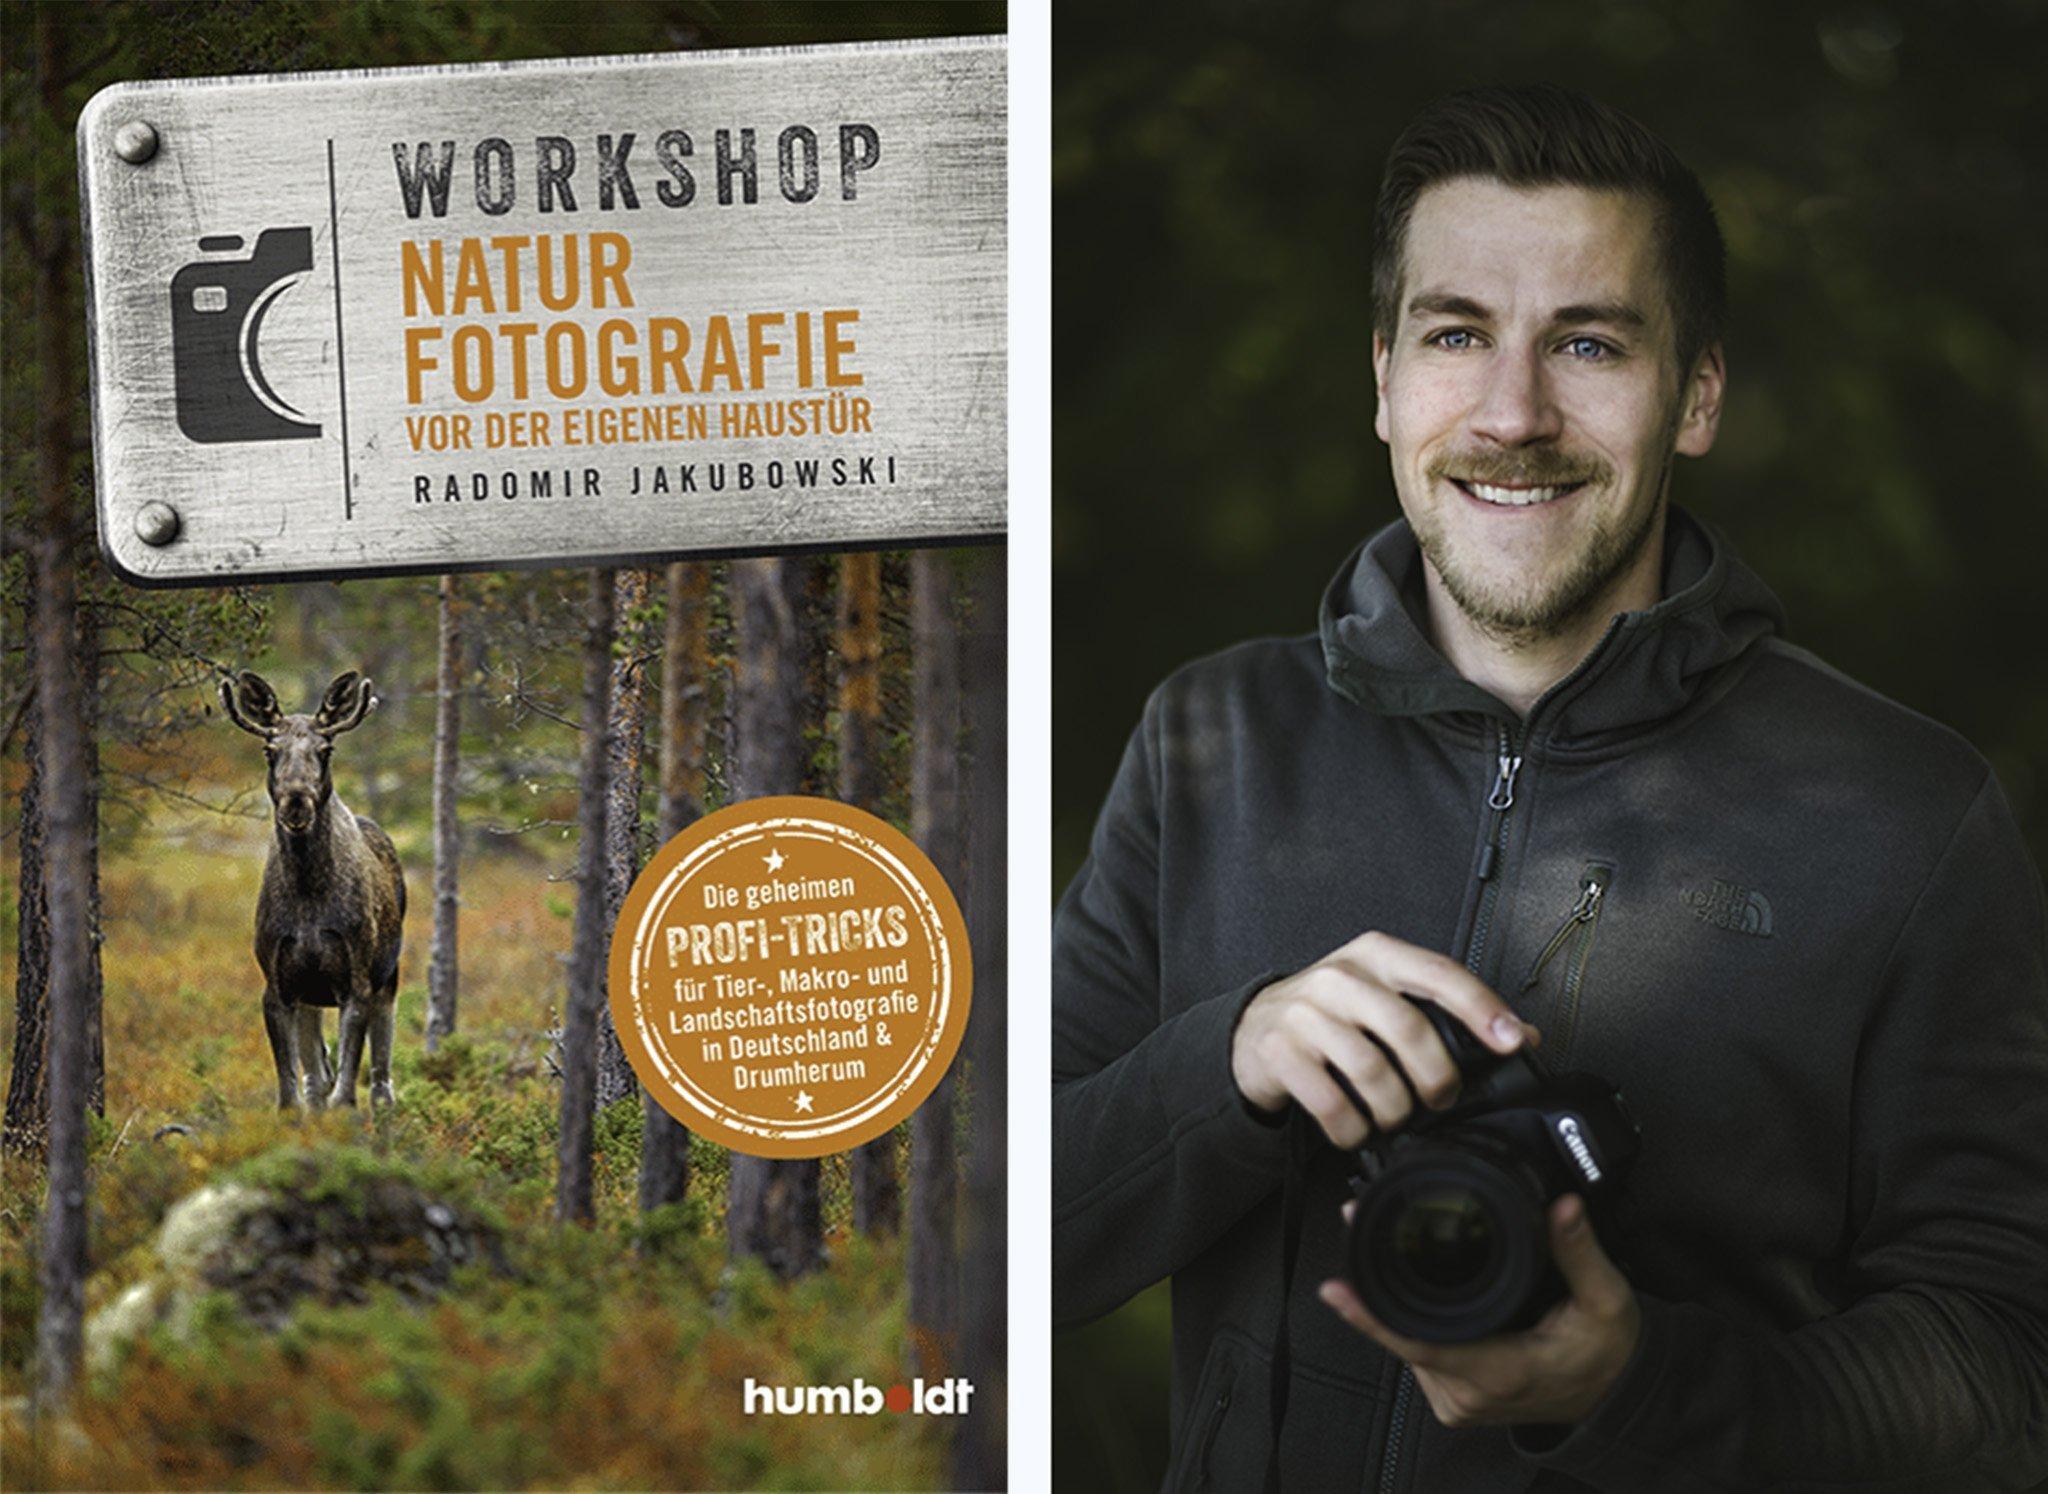 Linke Seite: Das Cover des Buches. Rechte Seite: Der Autor im Wald mit einer Kamera in der Hand.